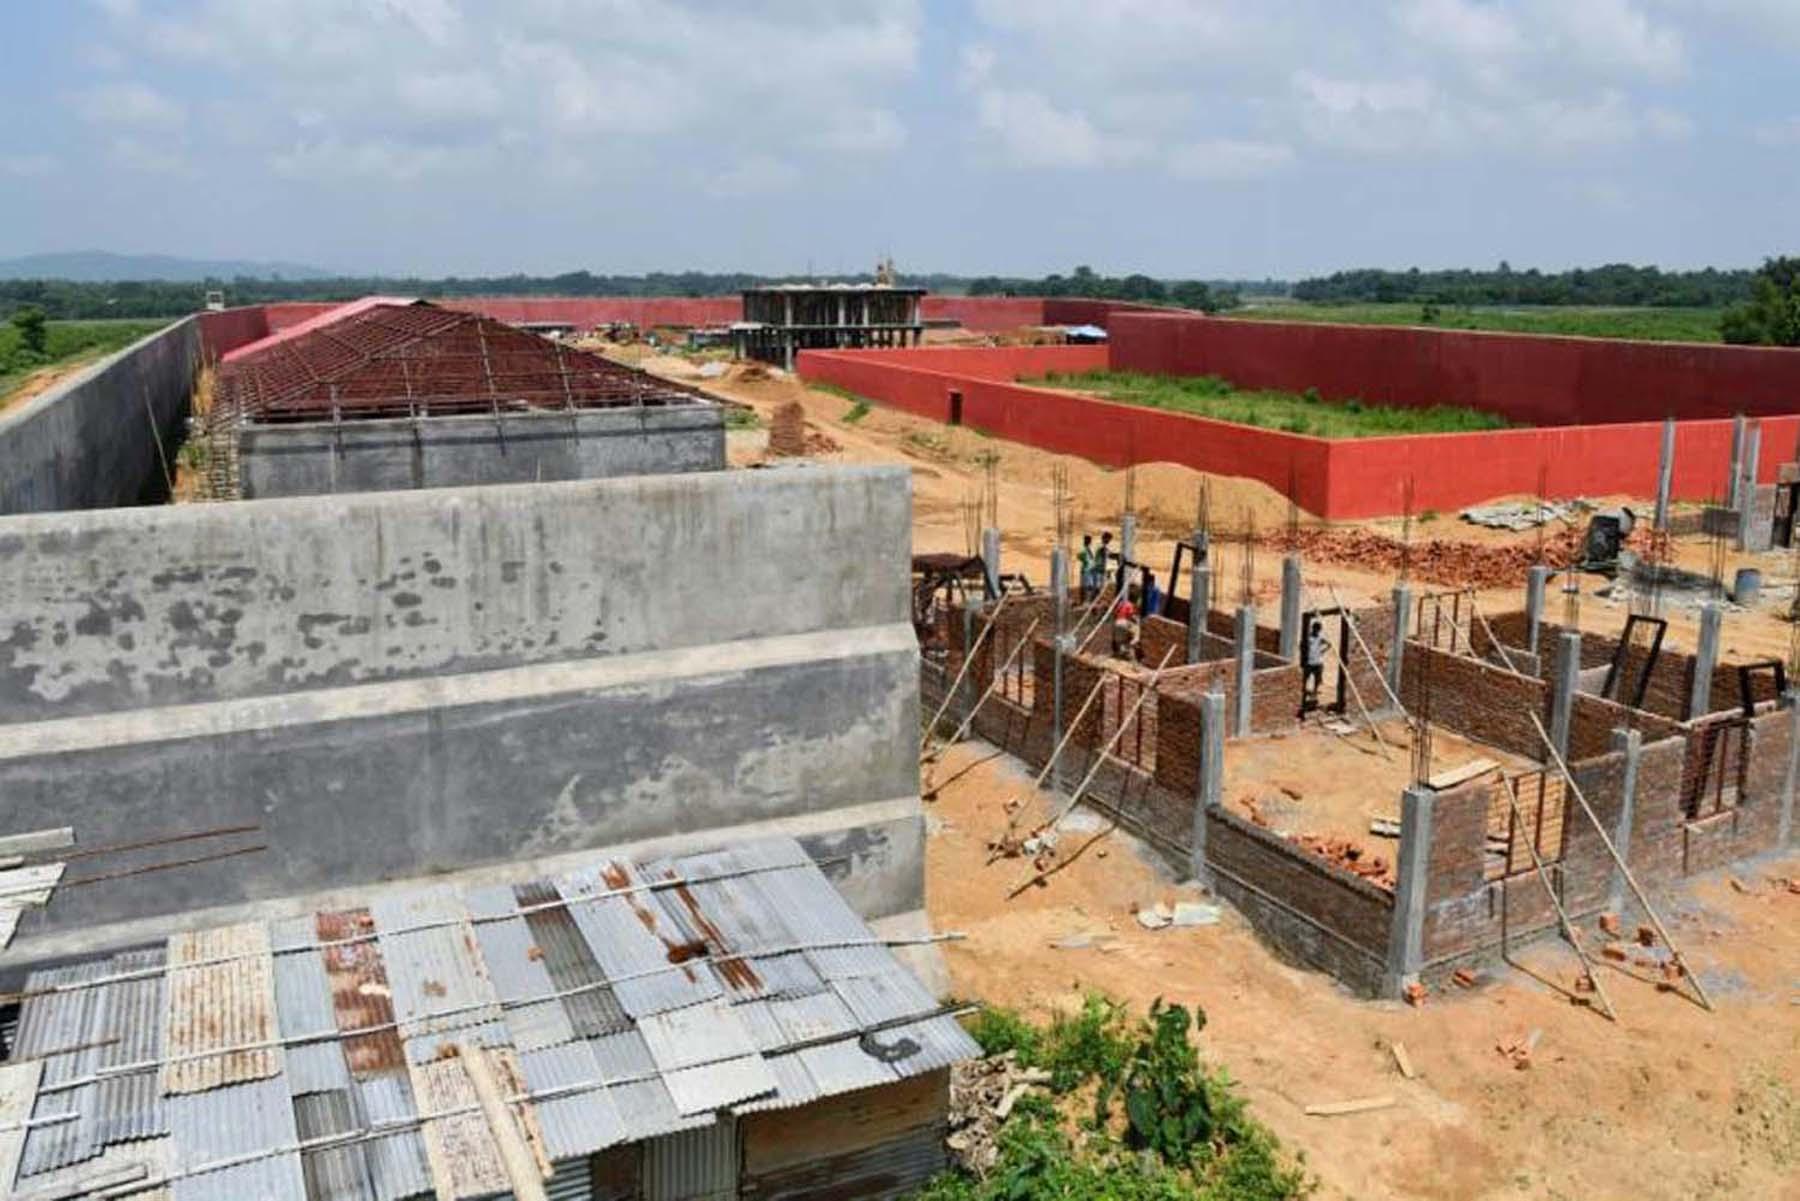 असम NRC : गोलपाड़ा में सबसे बड़ा डिटेंशन सेंटर निर्माणाधीन है, 10 और डिटेंशन सेंटर्स प्रस्तावित।